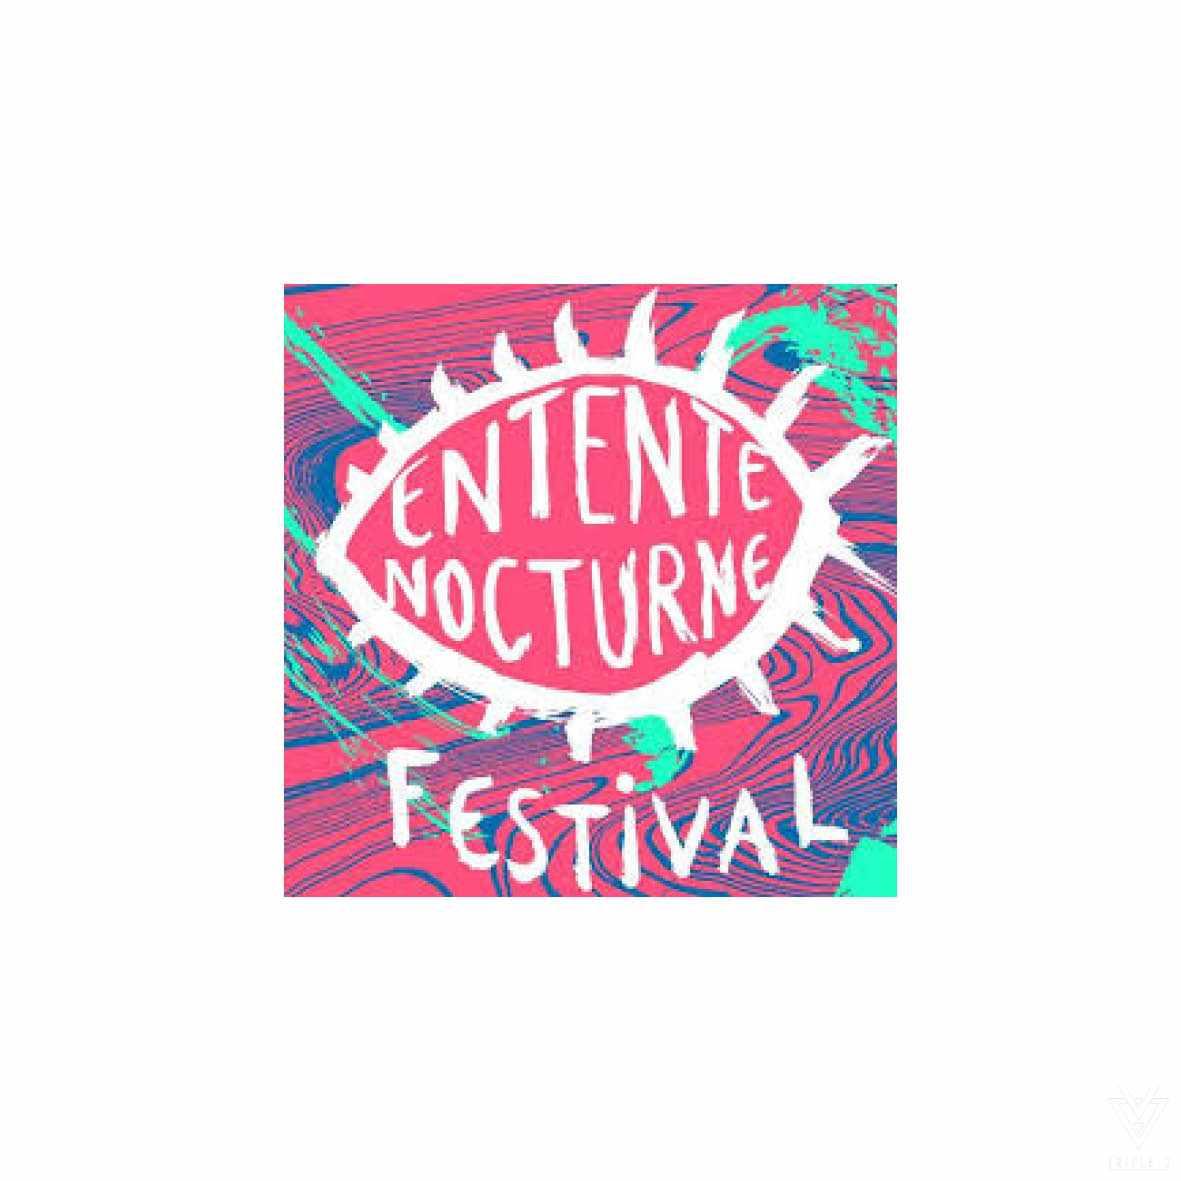 Triple - D Entente Nocturne Festival